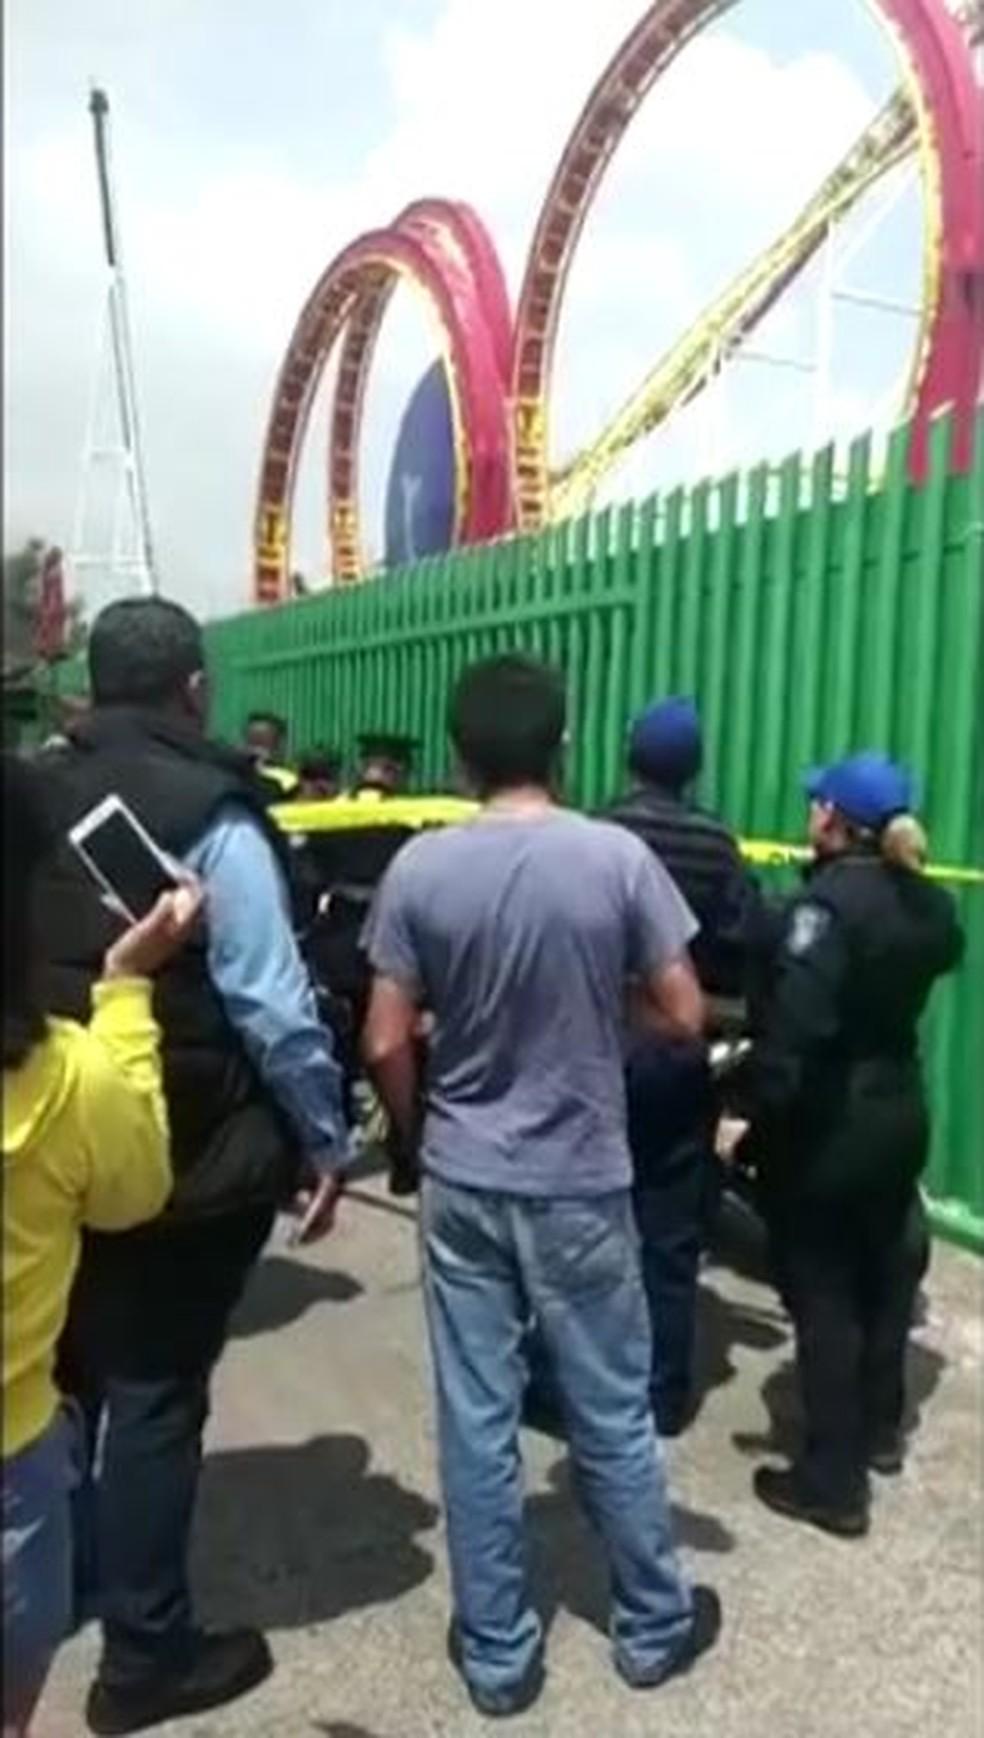 Policiais isolam local de acidente com montanha-russa no México — Foto: Vídeo obtido pela Reuters